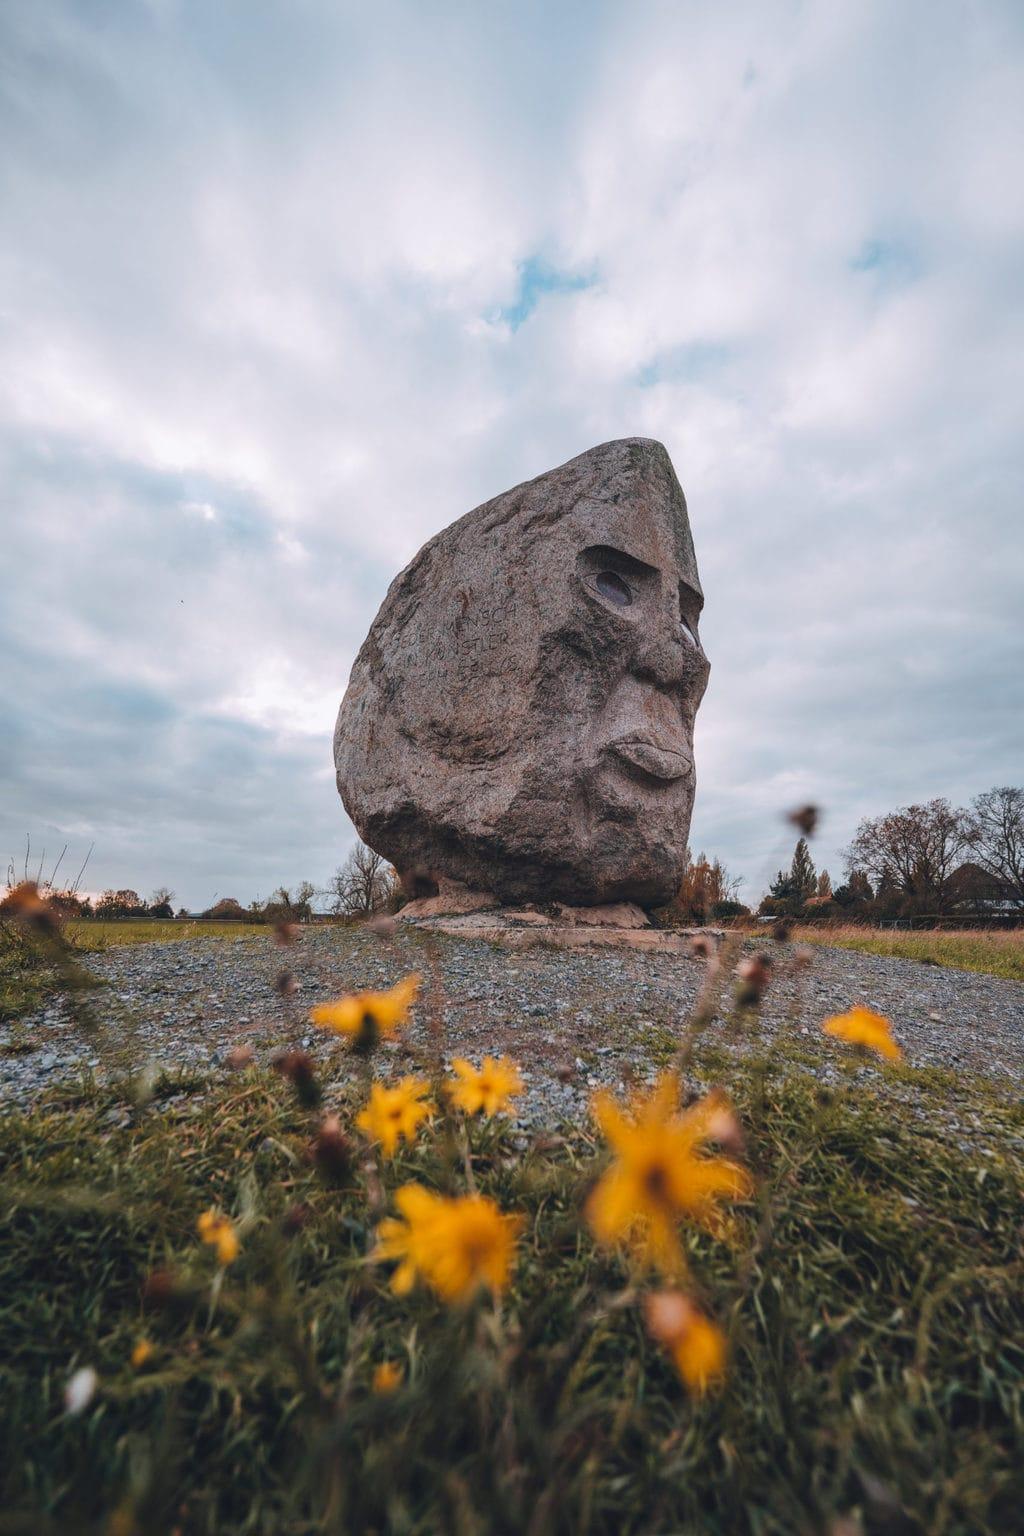 Groot hoofs sculptuur van Joseph Beuys in Meerbusch in Noordrijn-Westfalen